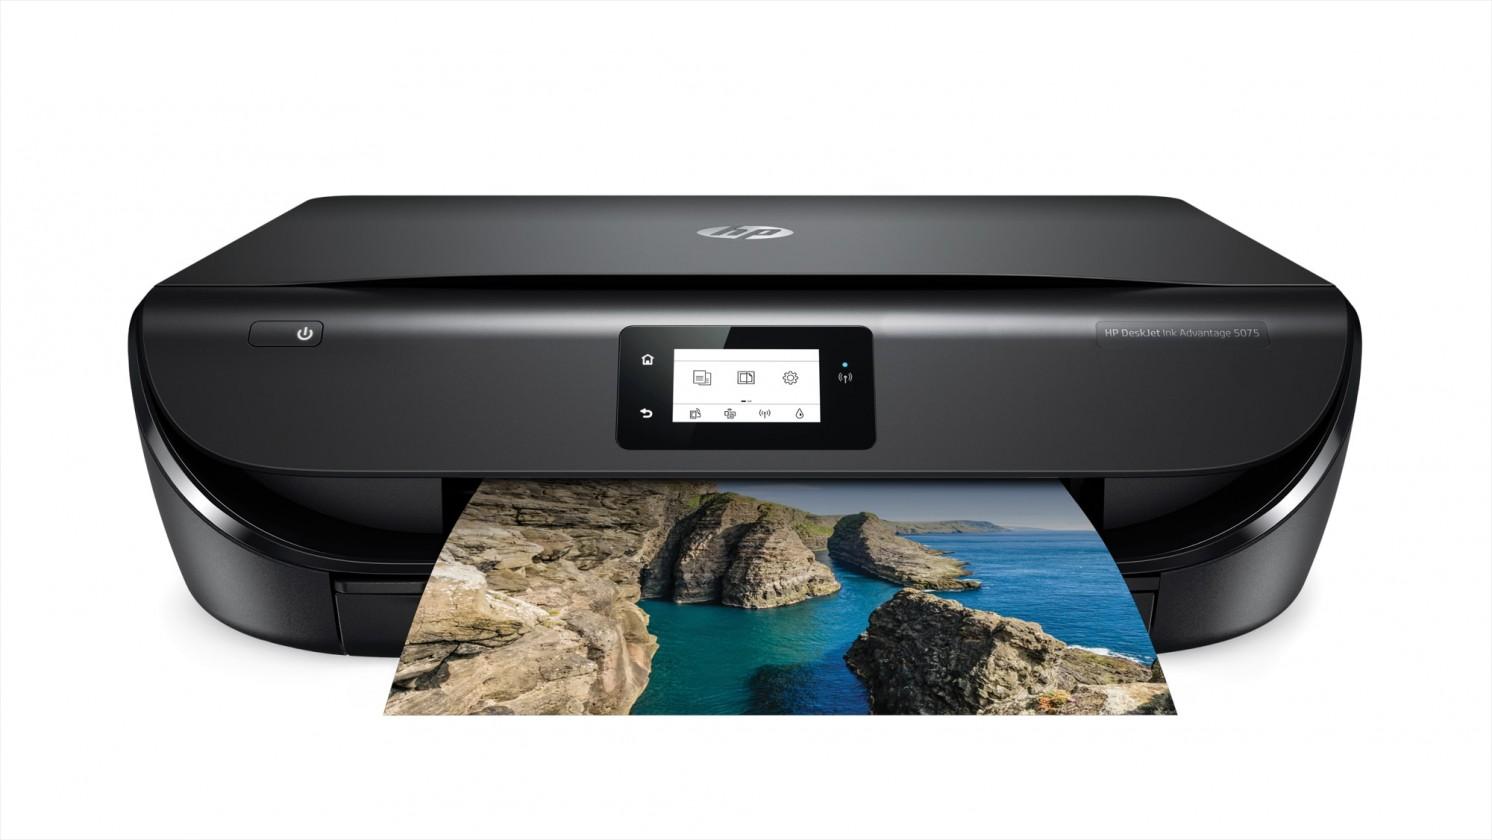 Atramentová tlačiareň Multifunkčná atramentová tlačiareň HP DeskJet Ink 5075 farebná